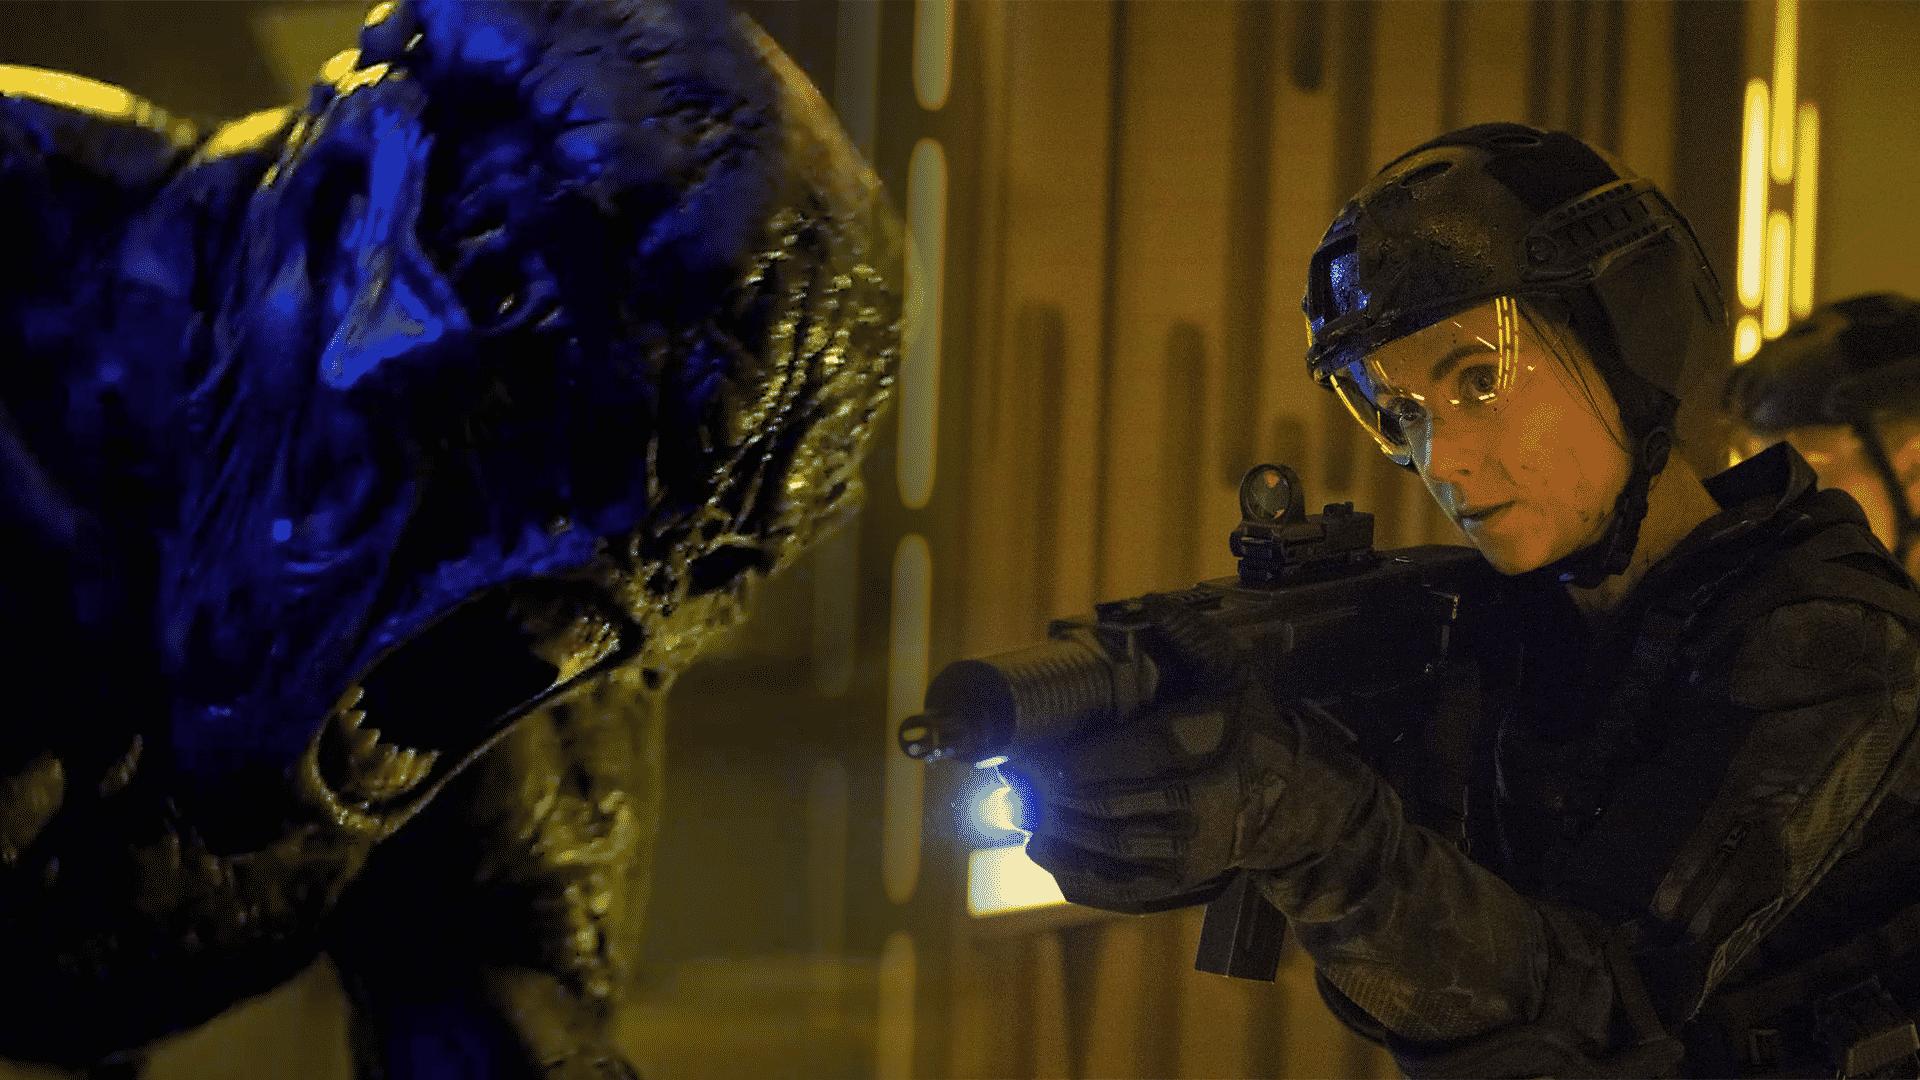 Prvý trailer na film Doom: Annihilation vyzerá príšerne ...